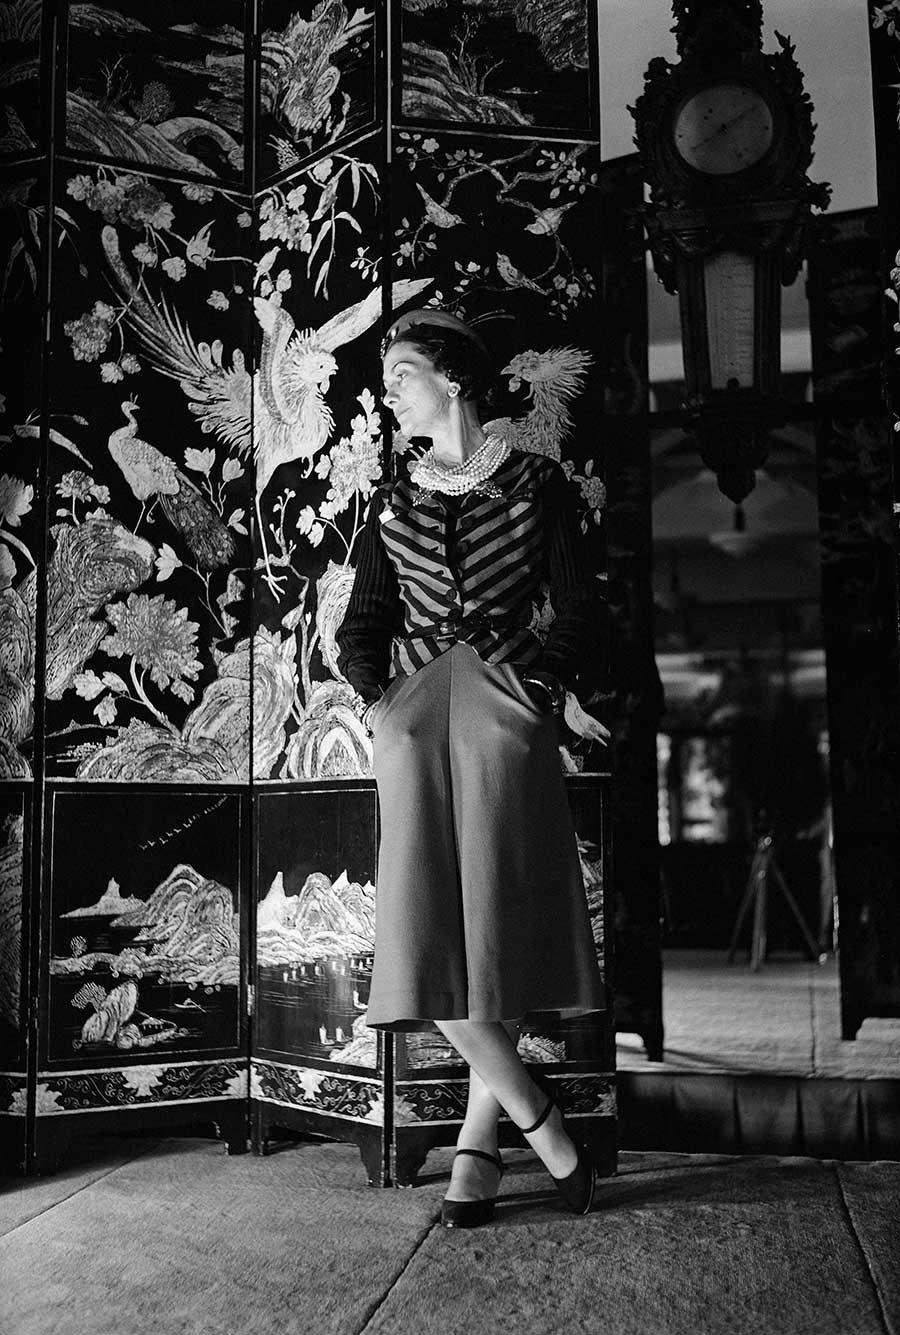 Mademoiselle Coco ritratta accanto ad uno dei paraventi Coromandel, ispirazione della nuova collezione di gioielli Chanel